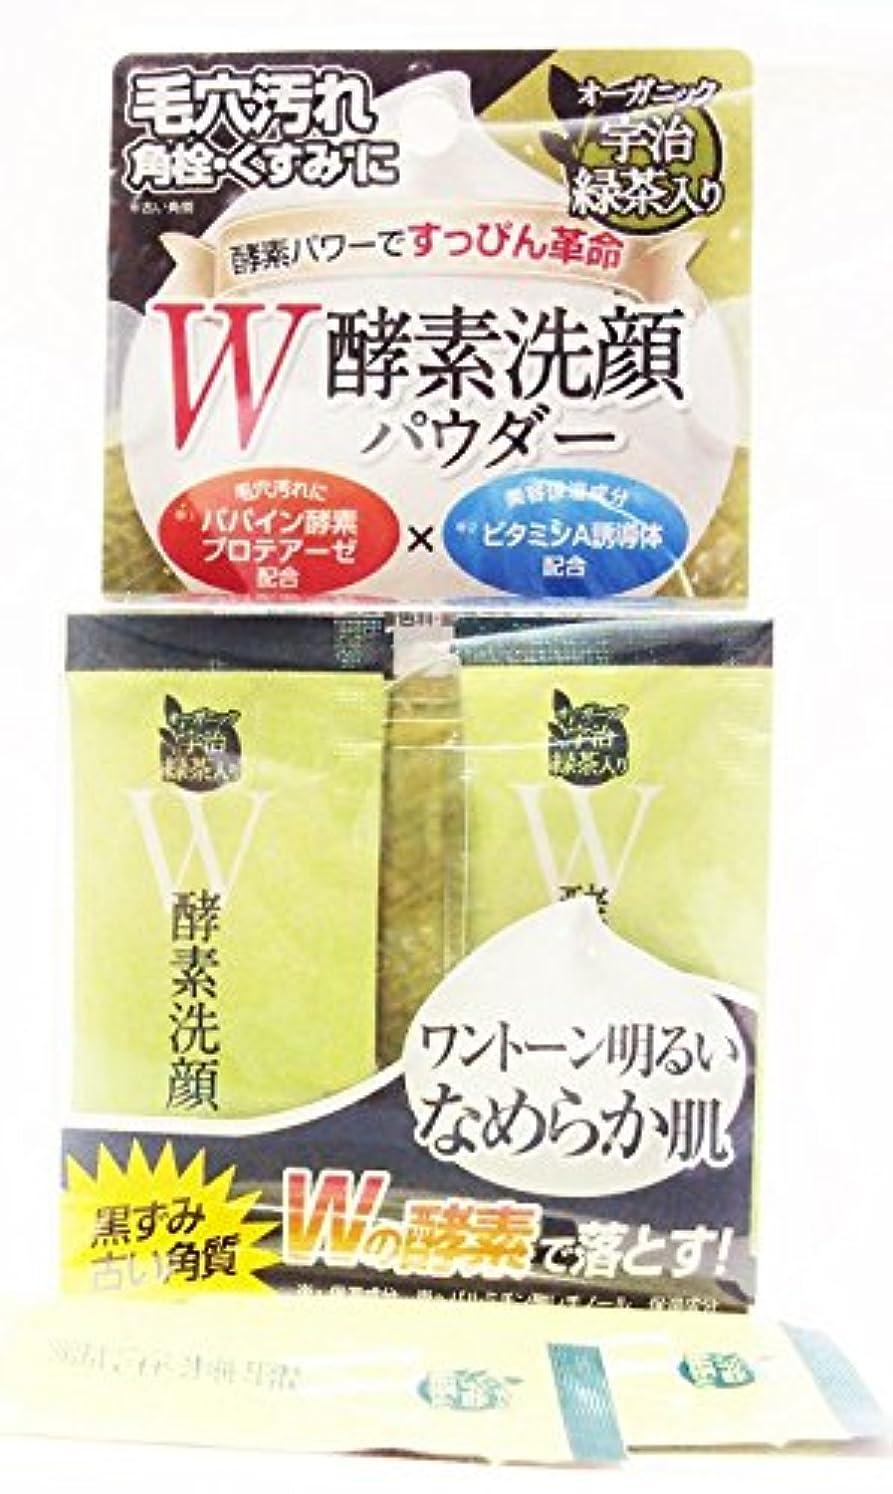 マッサージ成功寄付するW酵素洗顔パウダーオーガニック宇治抹茶入り